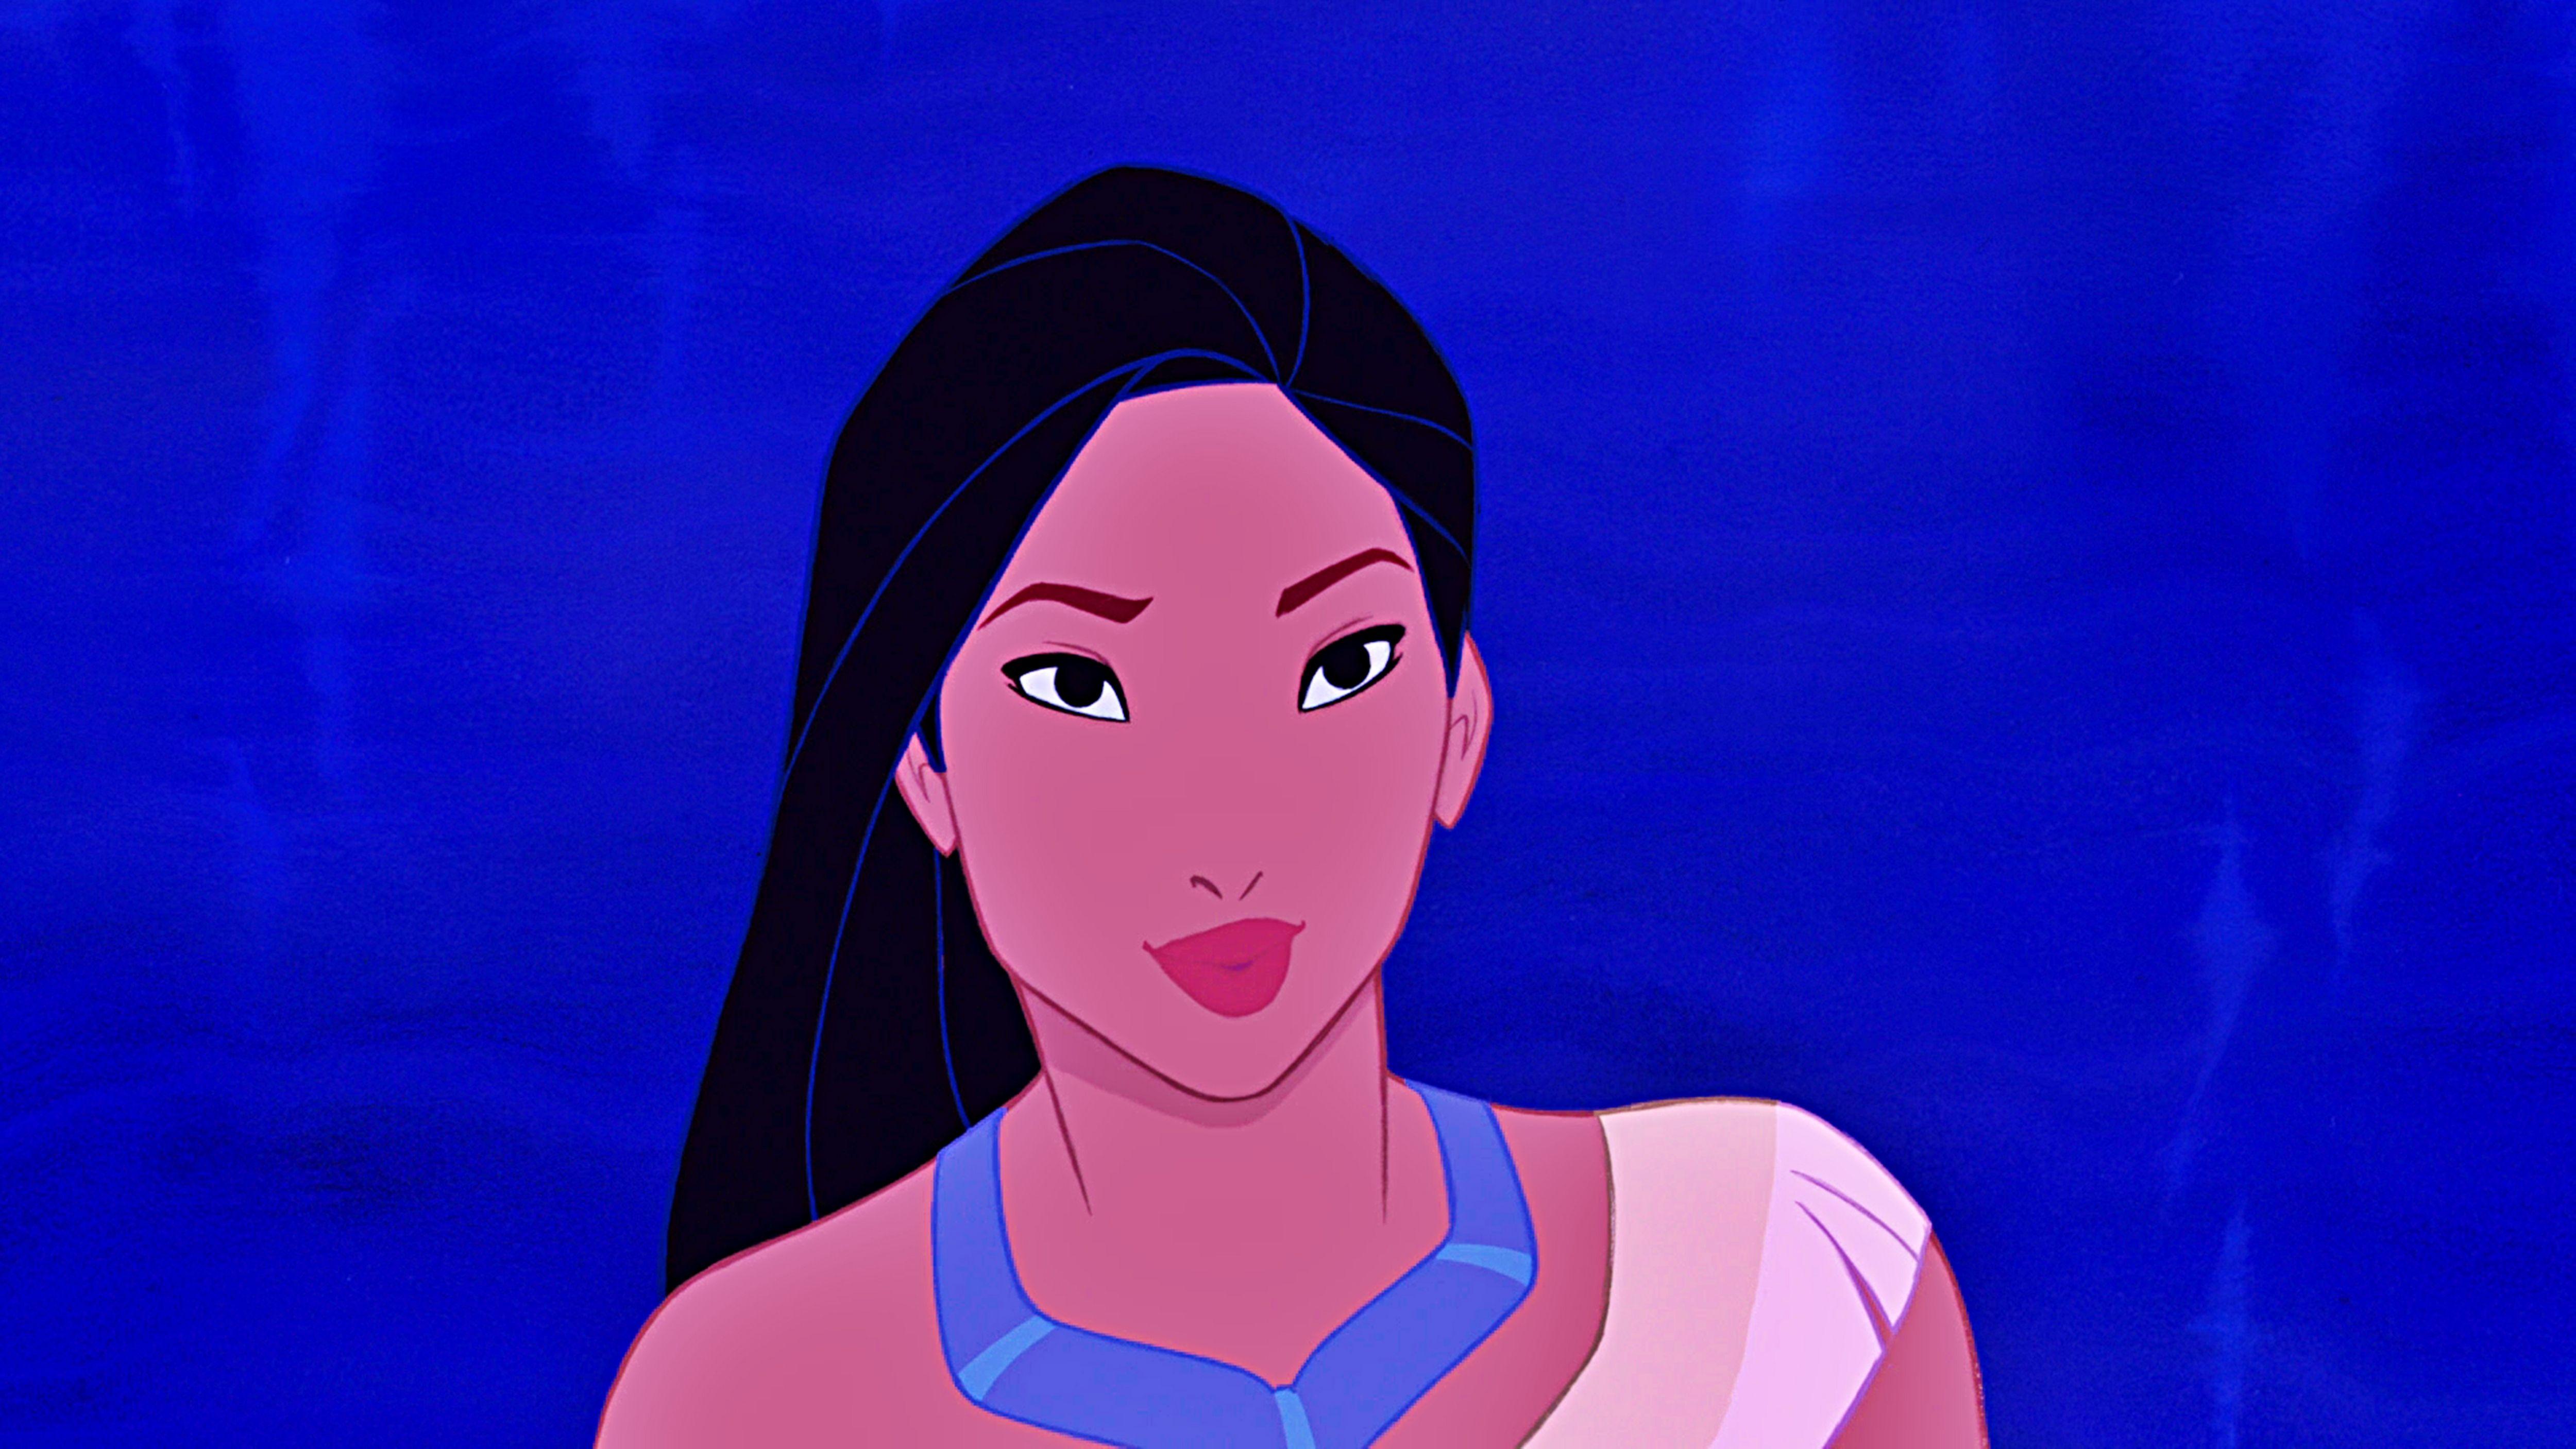 Disney Princess Pocahontas Cartoon